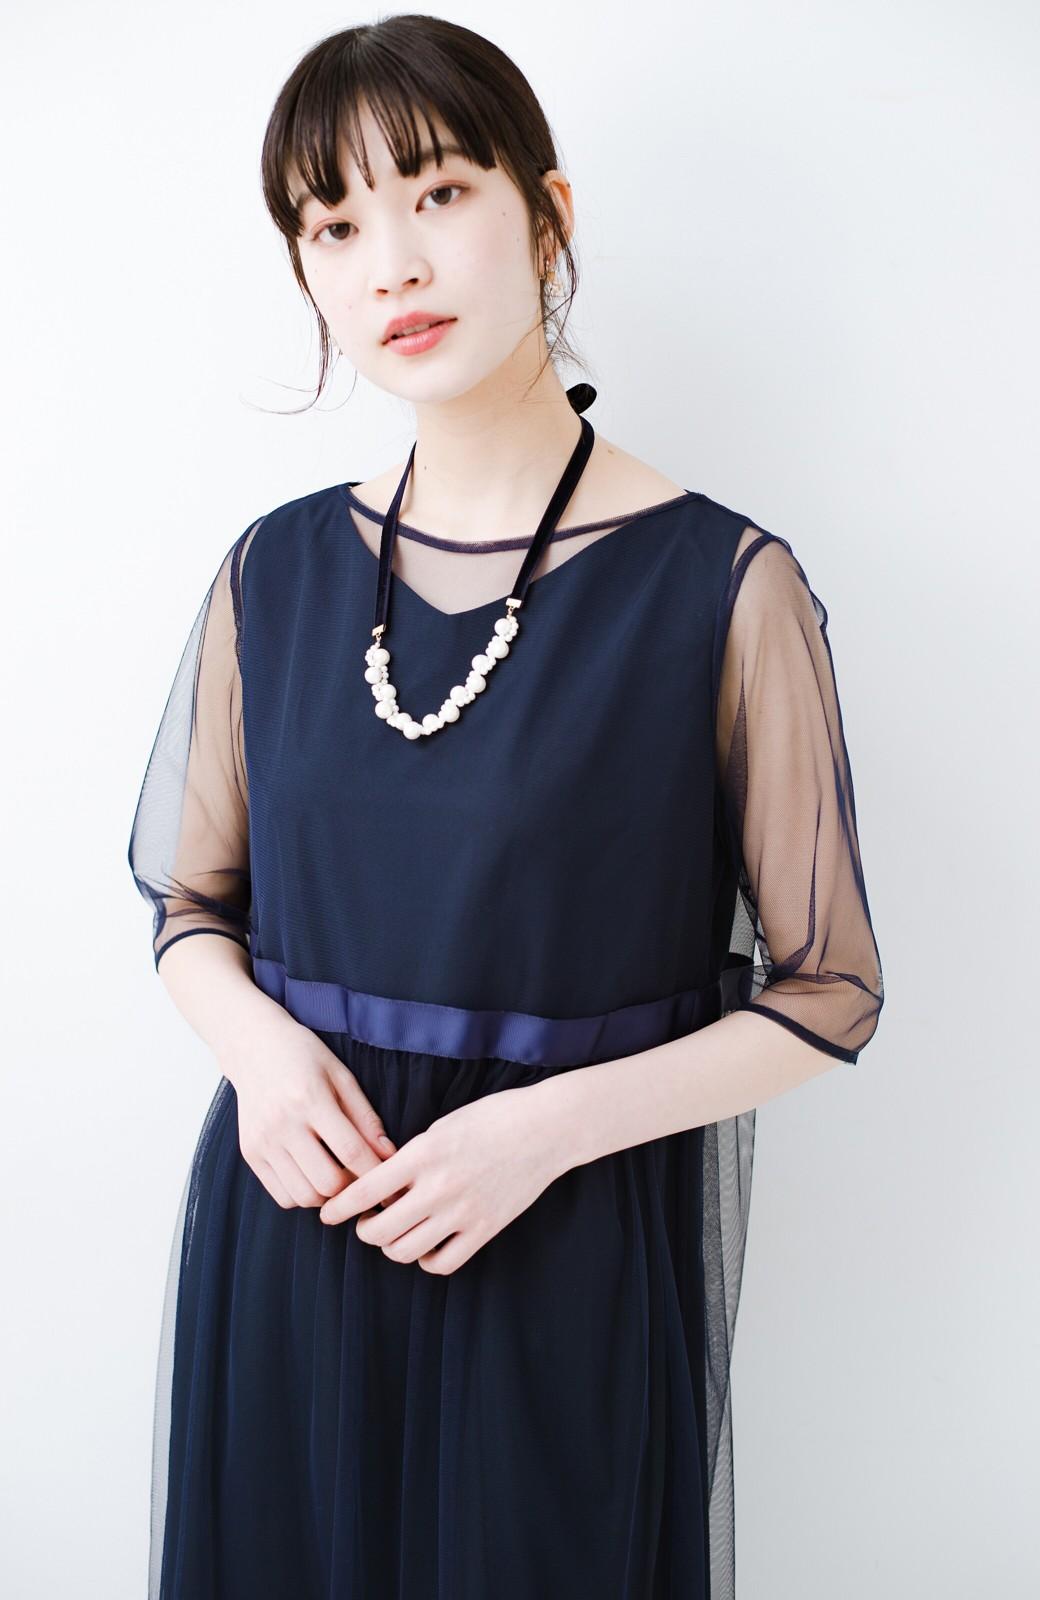 haco! ぱっとつけてぐっと華やぐ 結婚式にも便利なプラパールの編み込みネックレス <ネイビー>の商品写真5